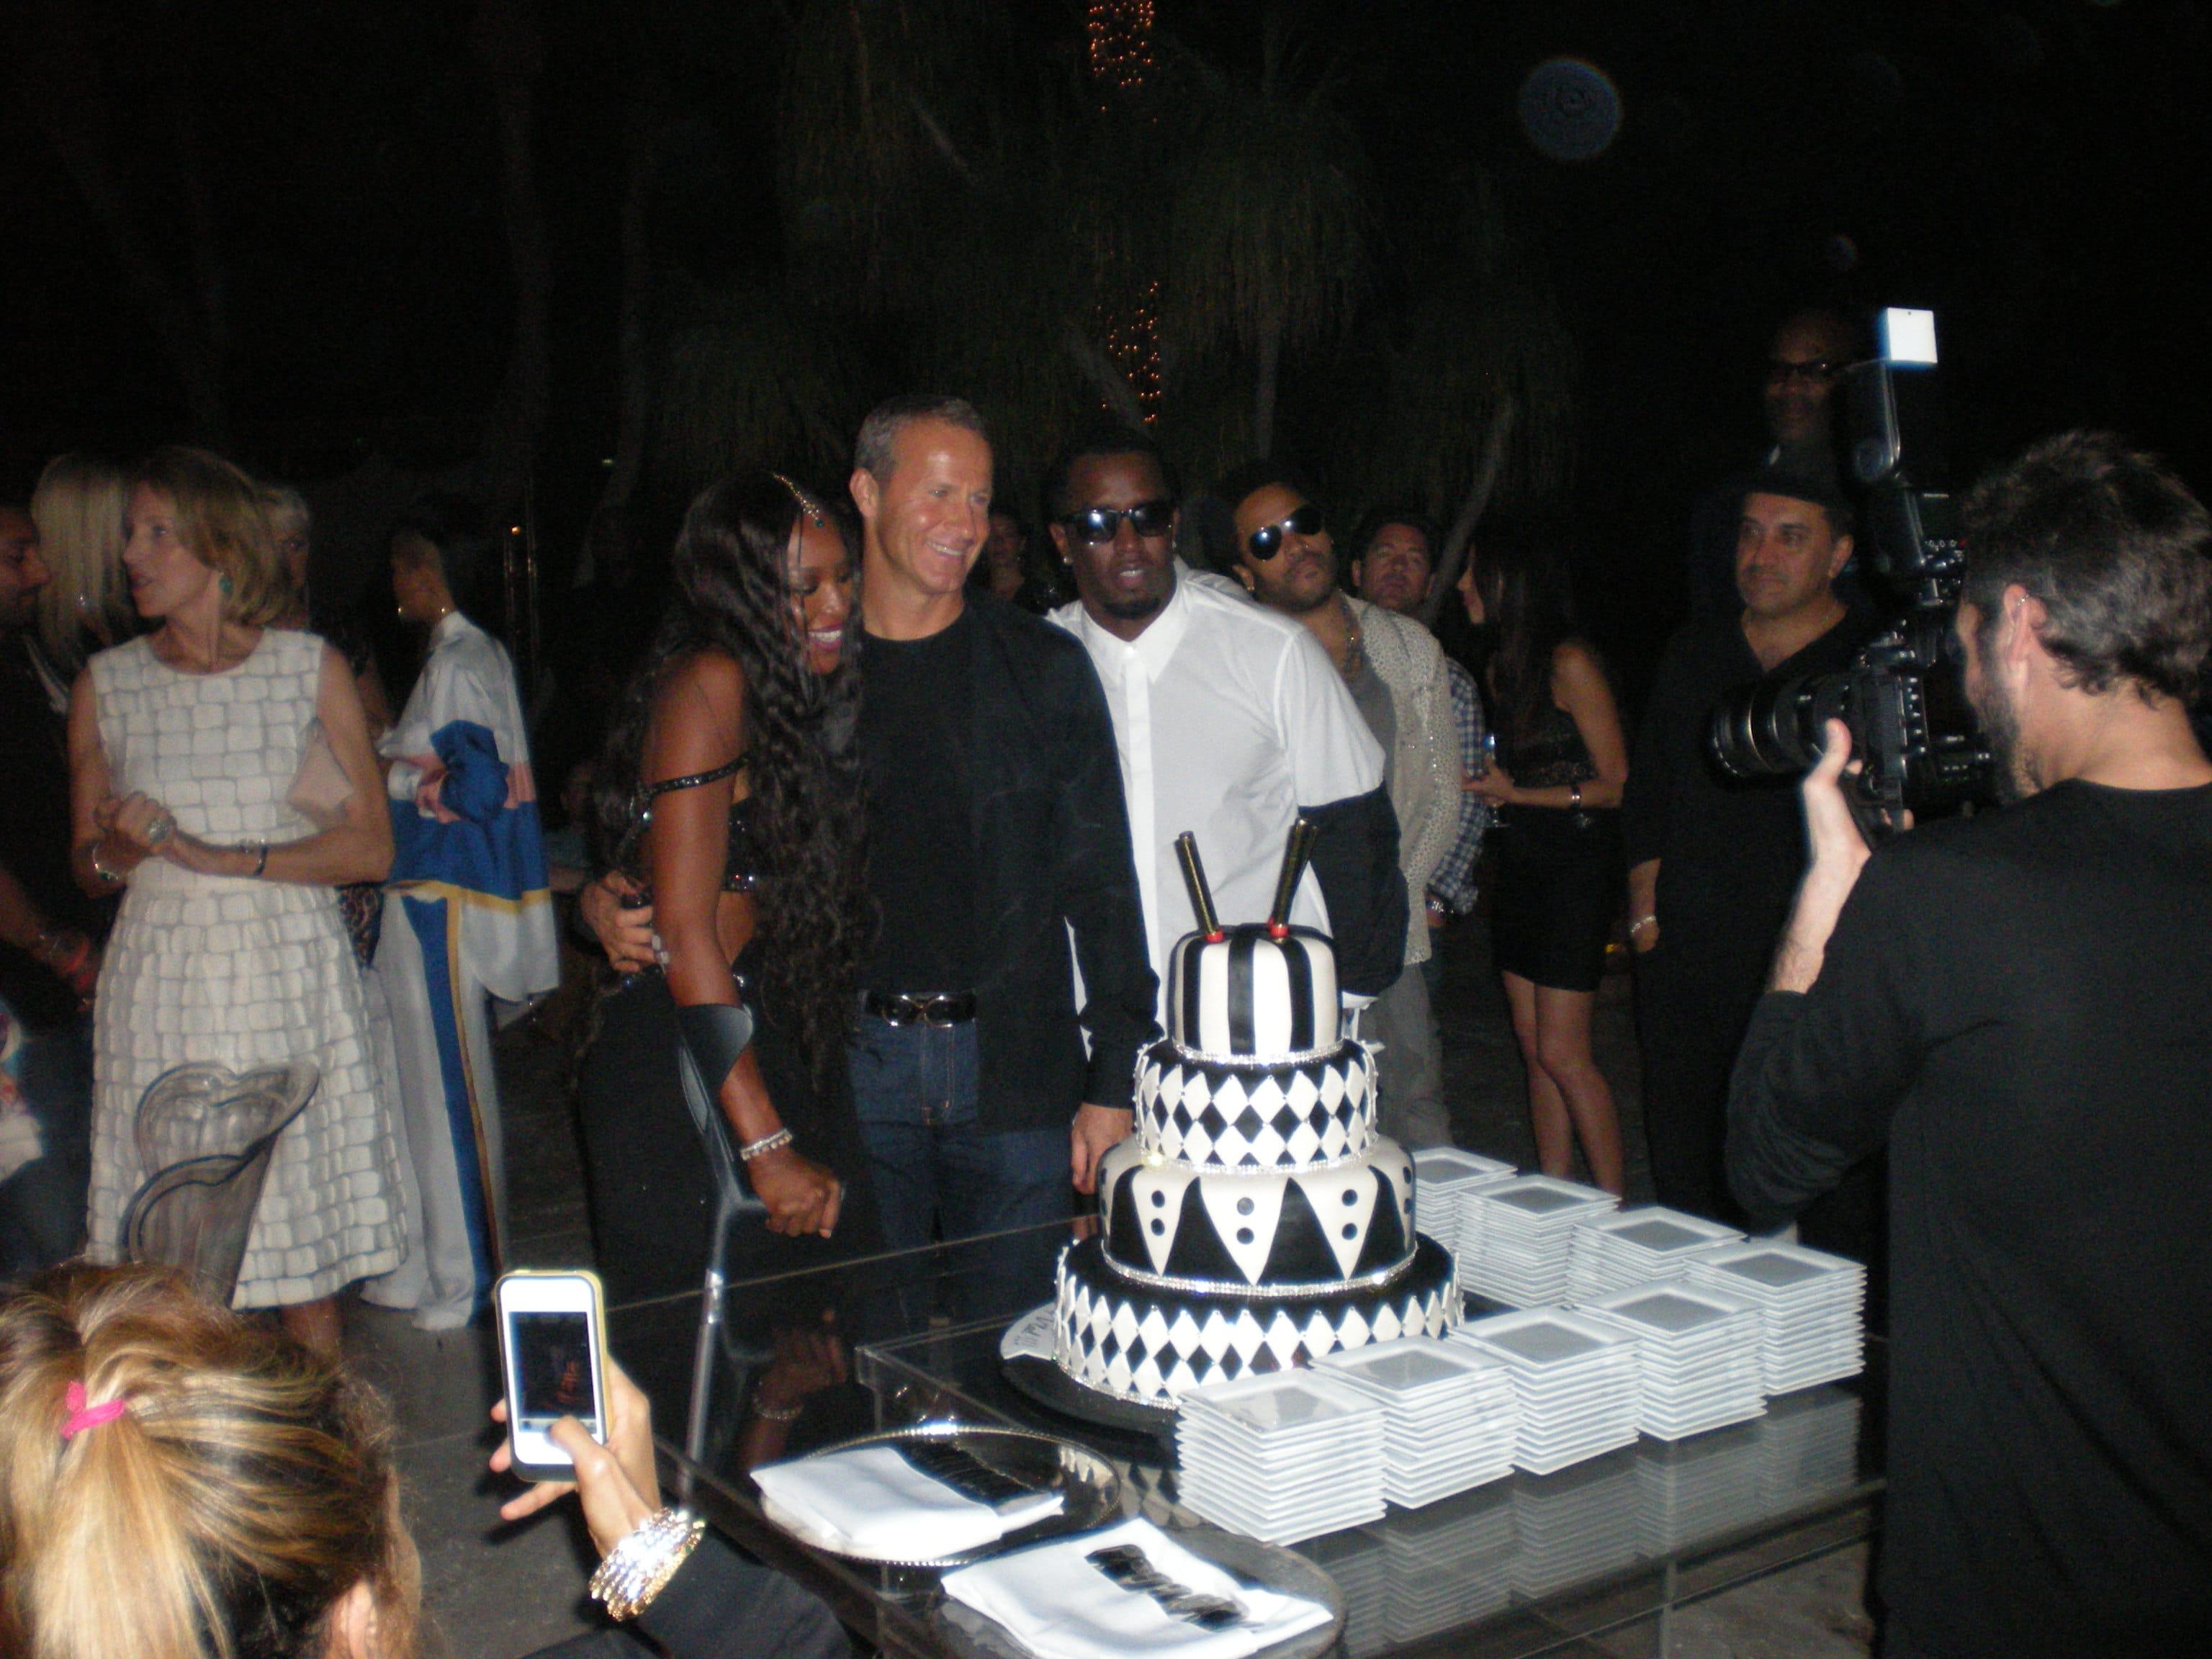 Naomi Campbell, Vladislav Doronin and Sean Combs